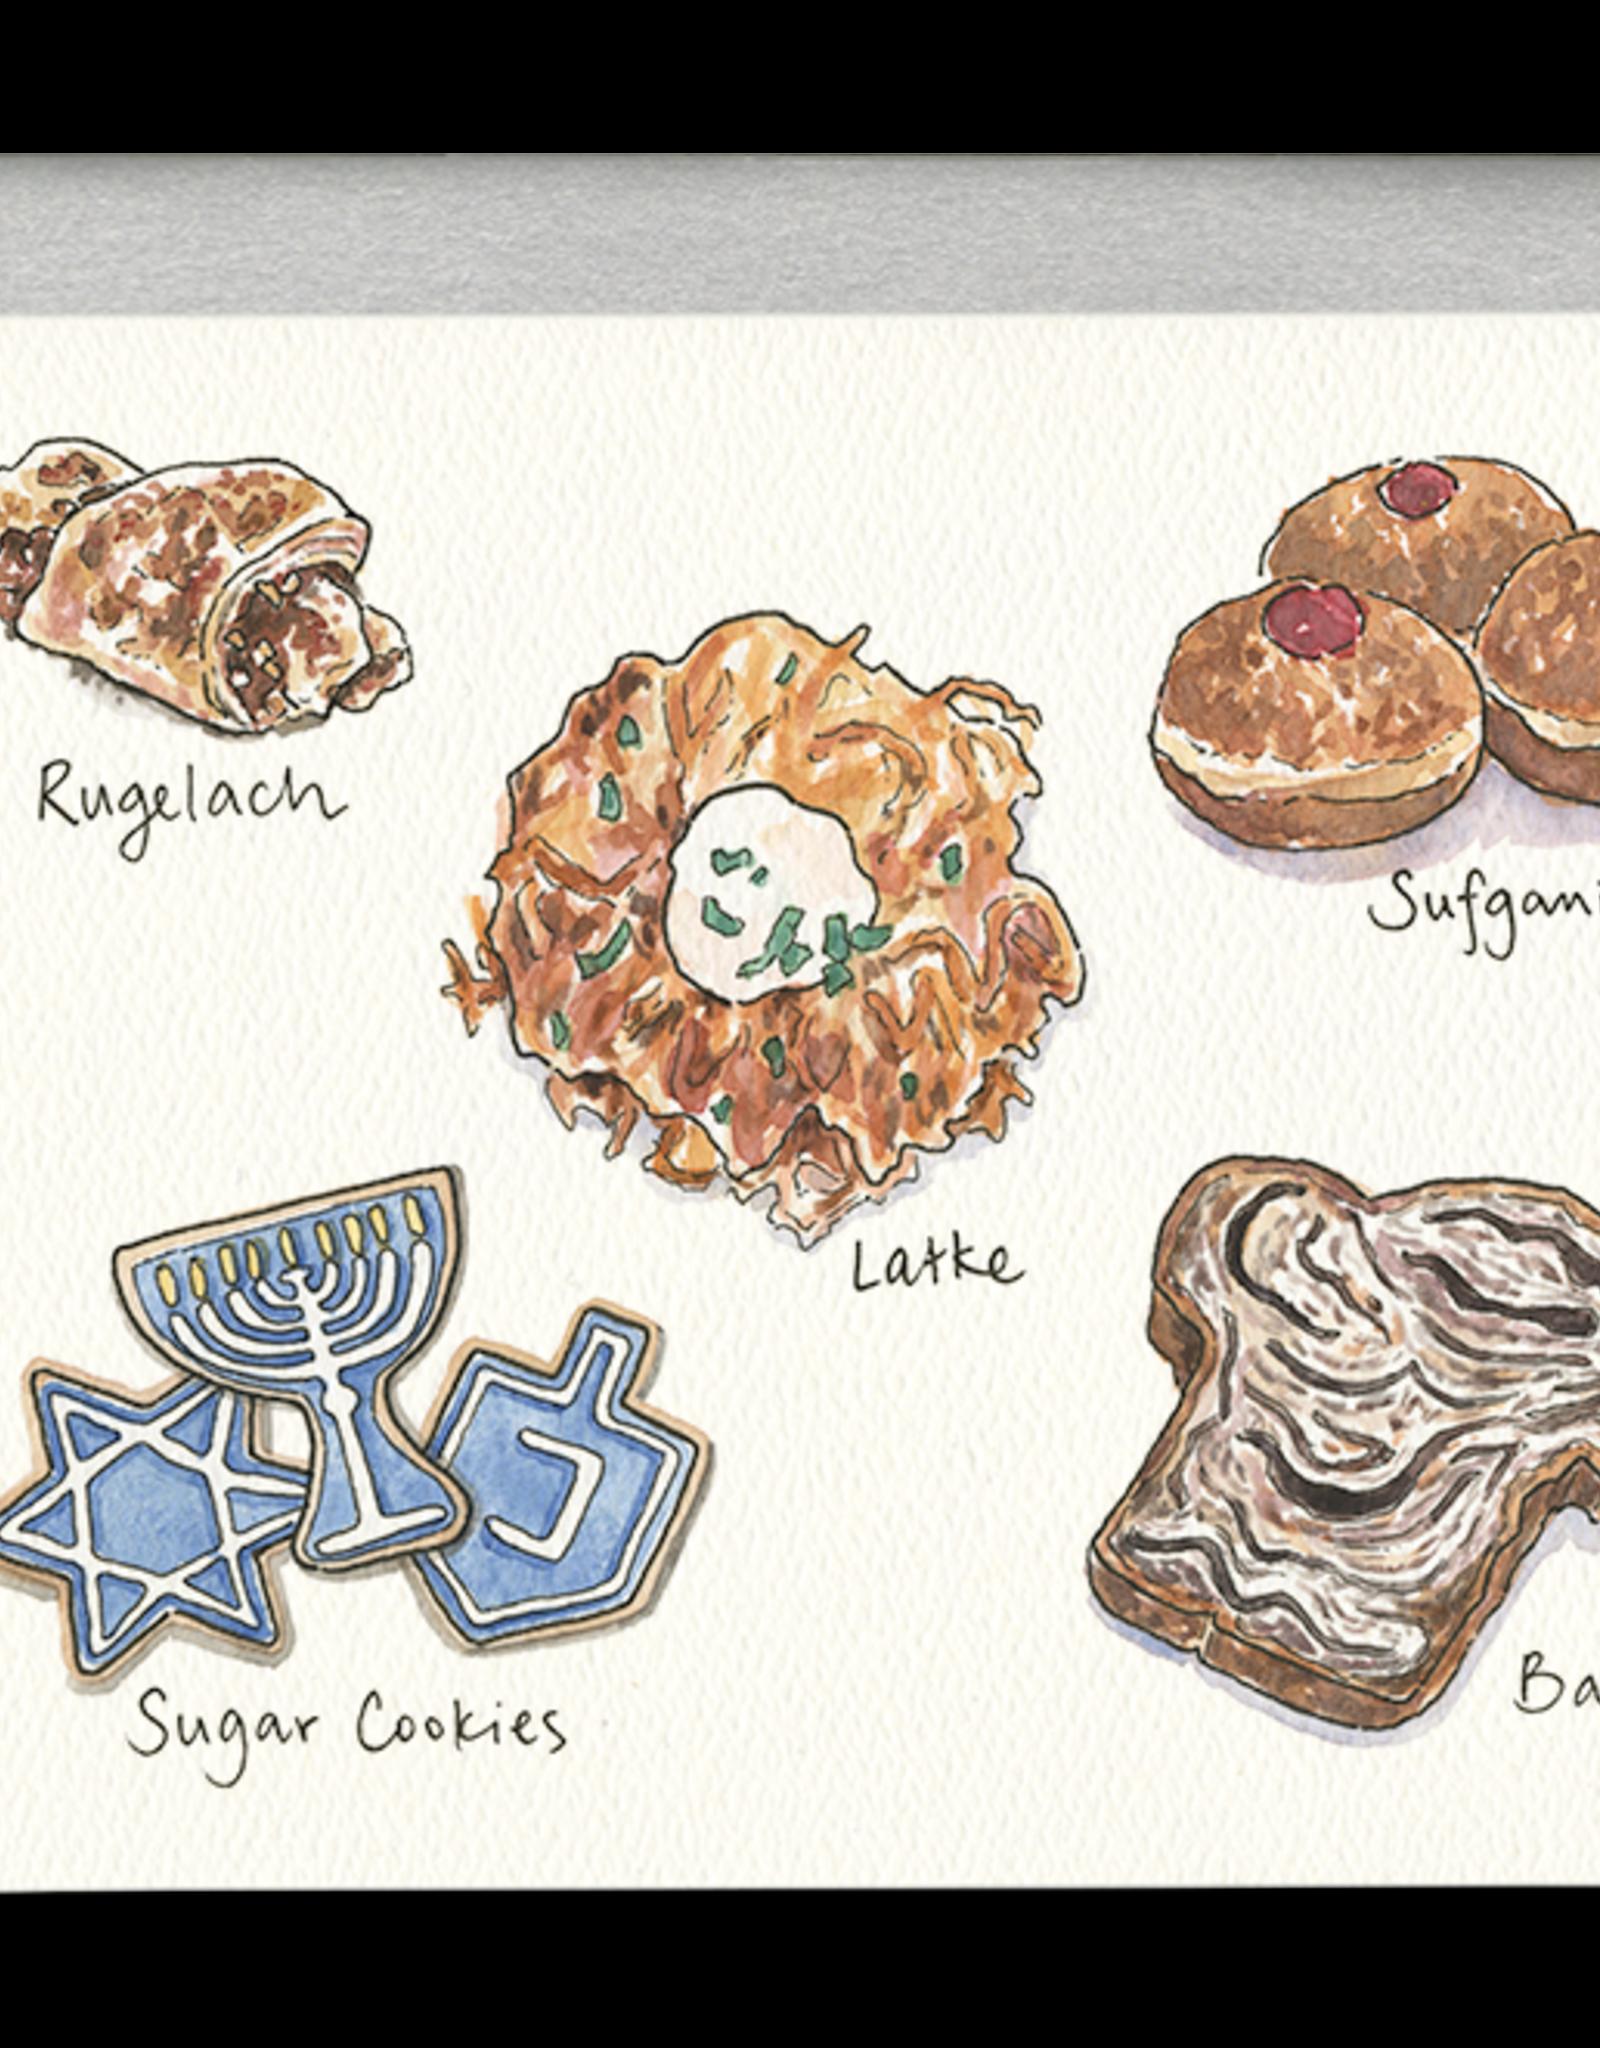 Gotamago Gotamago Hanukkah Treats Card - Set of 8